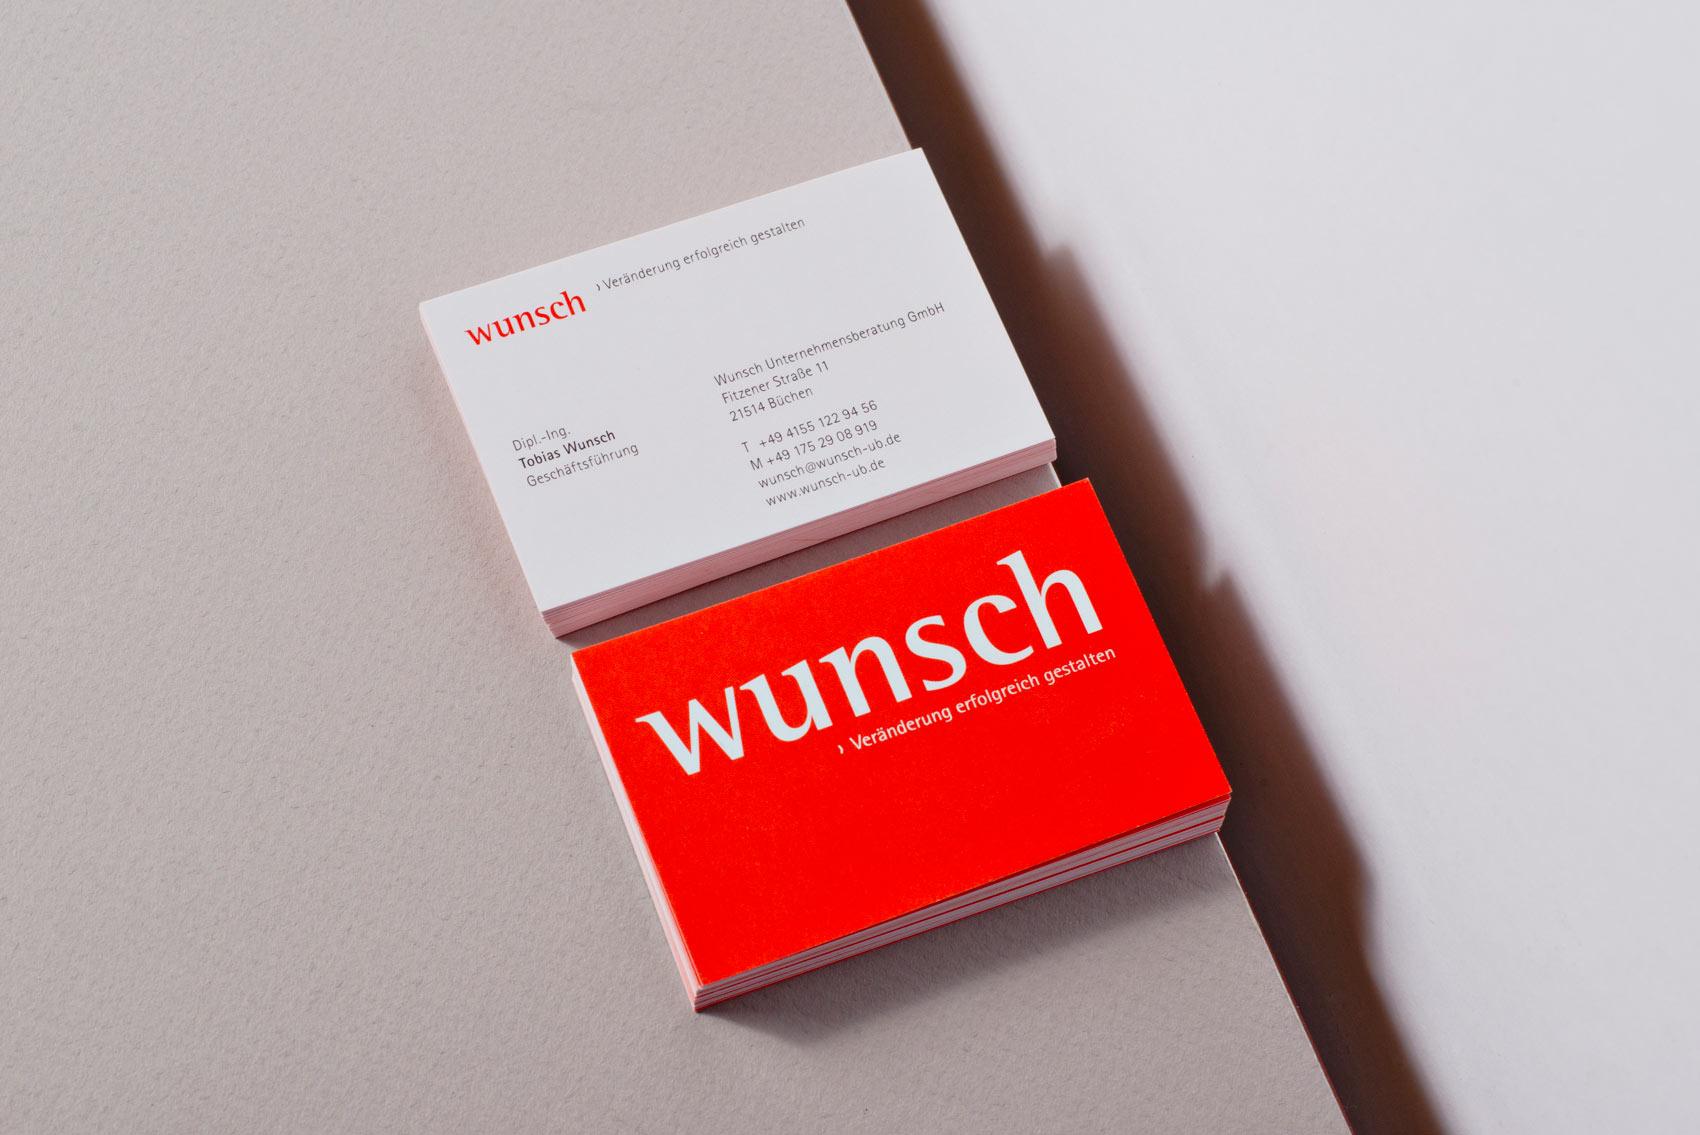 Visitenkarte Wunsch Unternehmensberatung Venturier Design